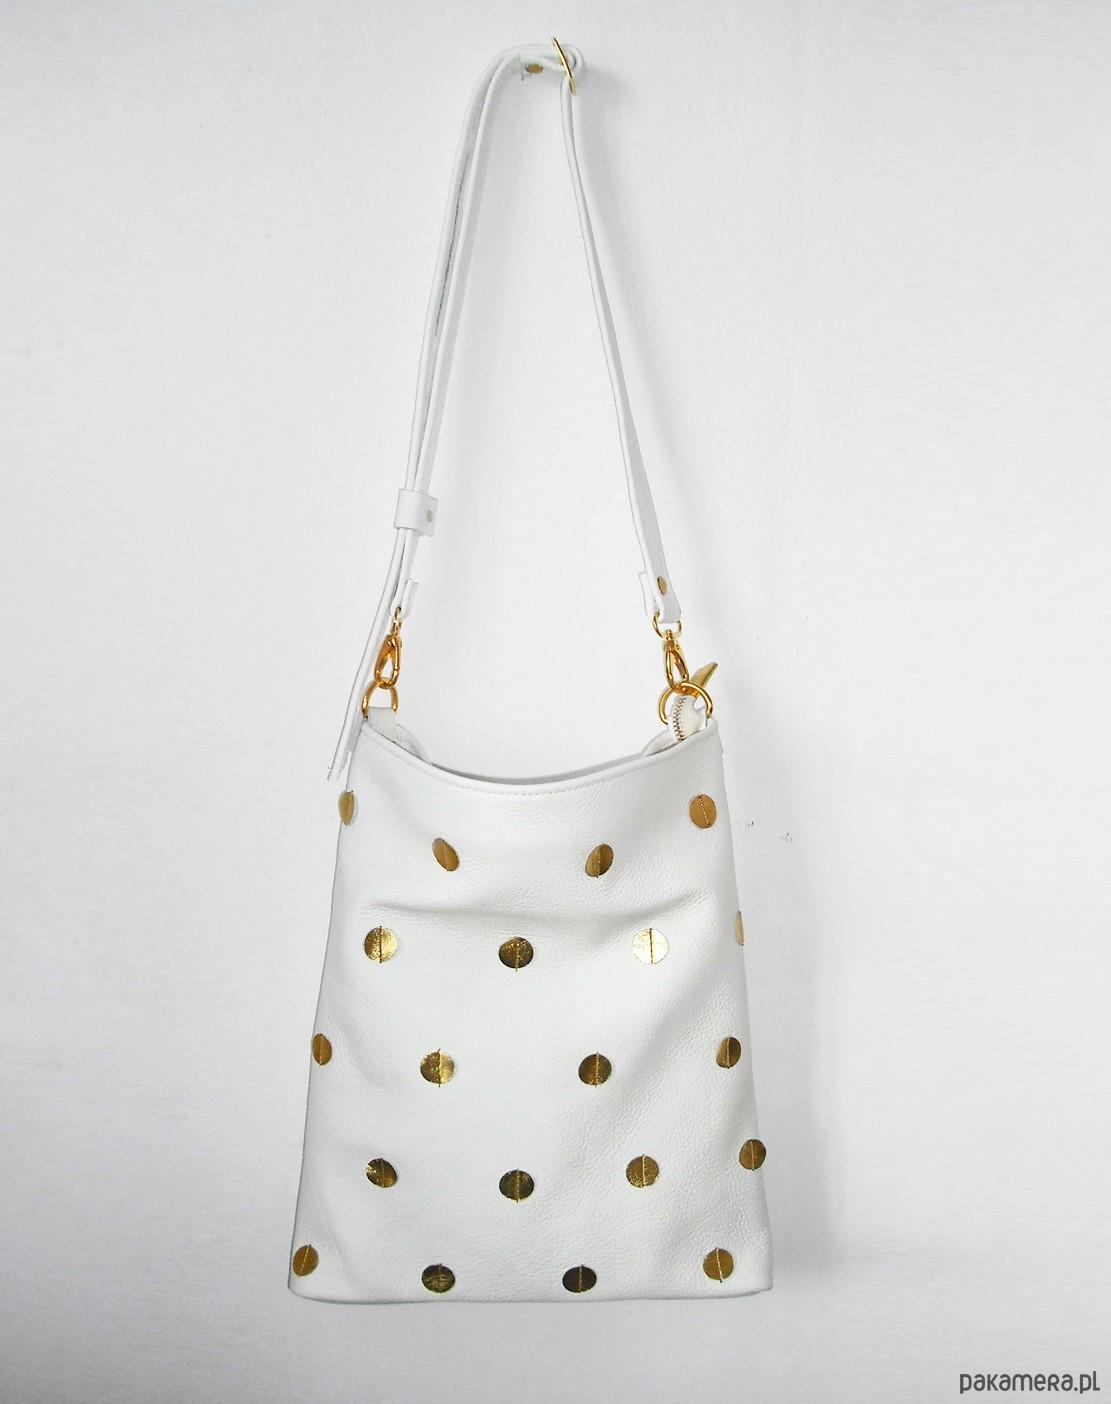 4c5bbe1c601c9 TORBA W ZŁOTE KROPKI skóra naturalna - torby na ramię - damskie ...